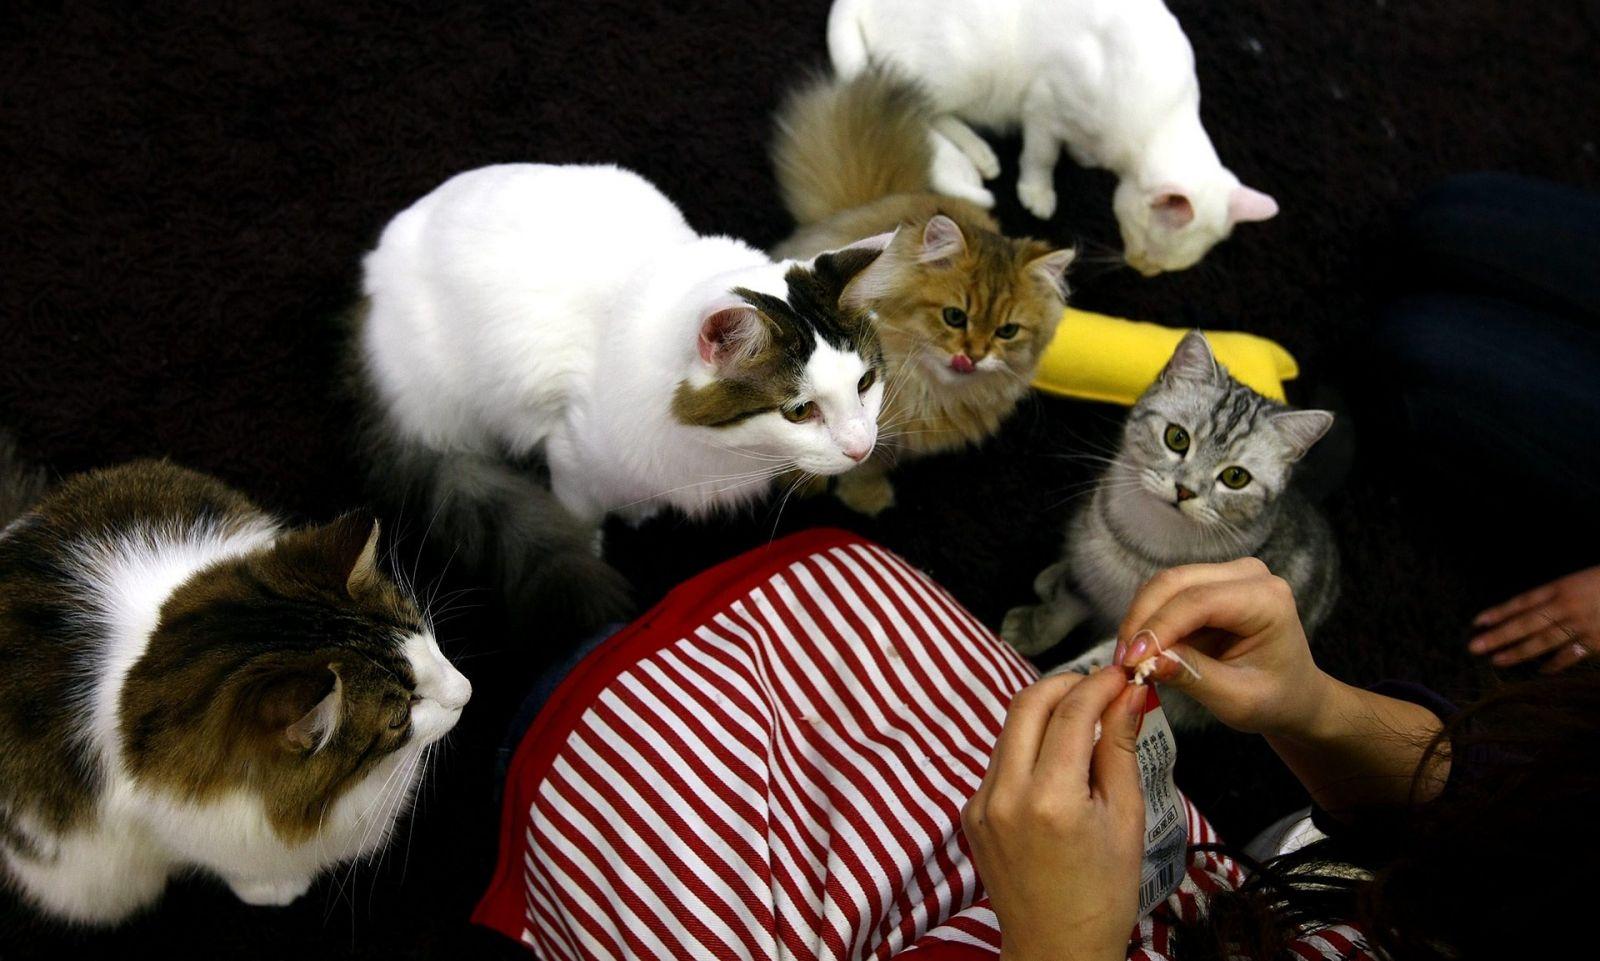 کافههای گربه نزد شهرنشینان بسیار محبوب شدهاند و ایدۀ «عشق به اجارهکردن» نیز همینطور.